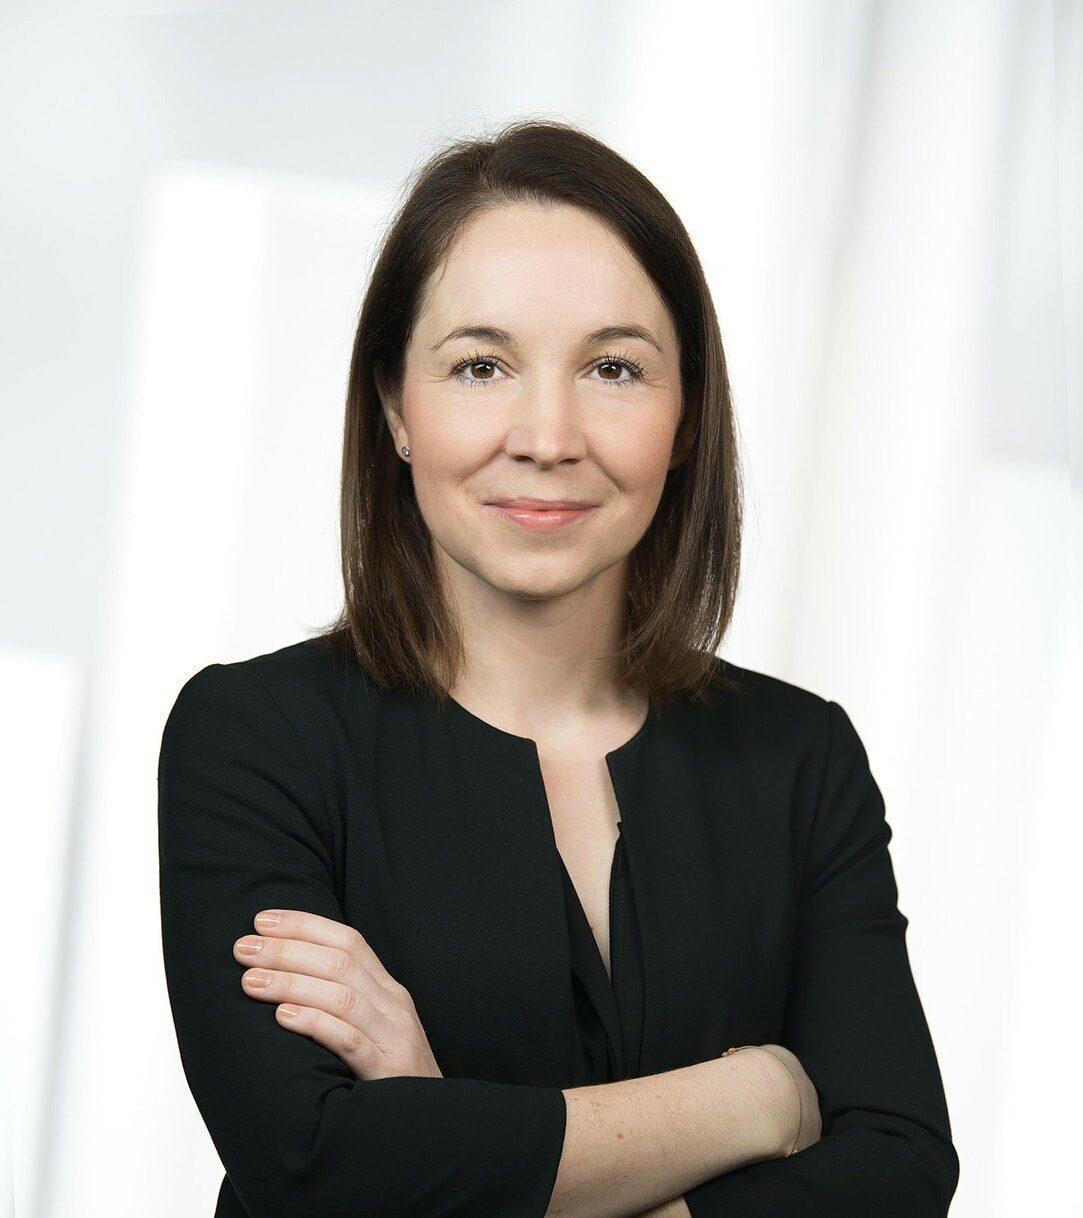 Michaela Leonhardt von OVE Fem